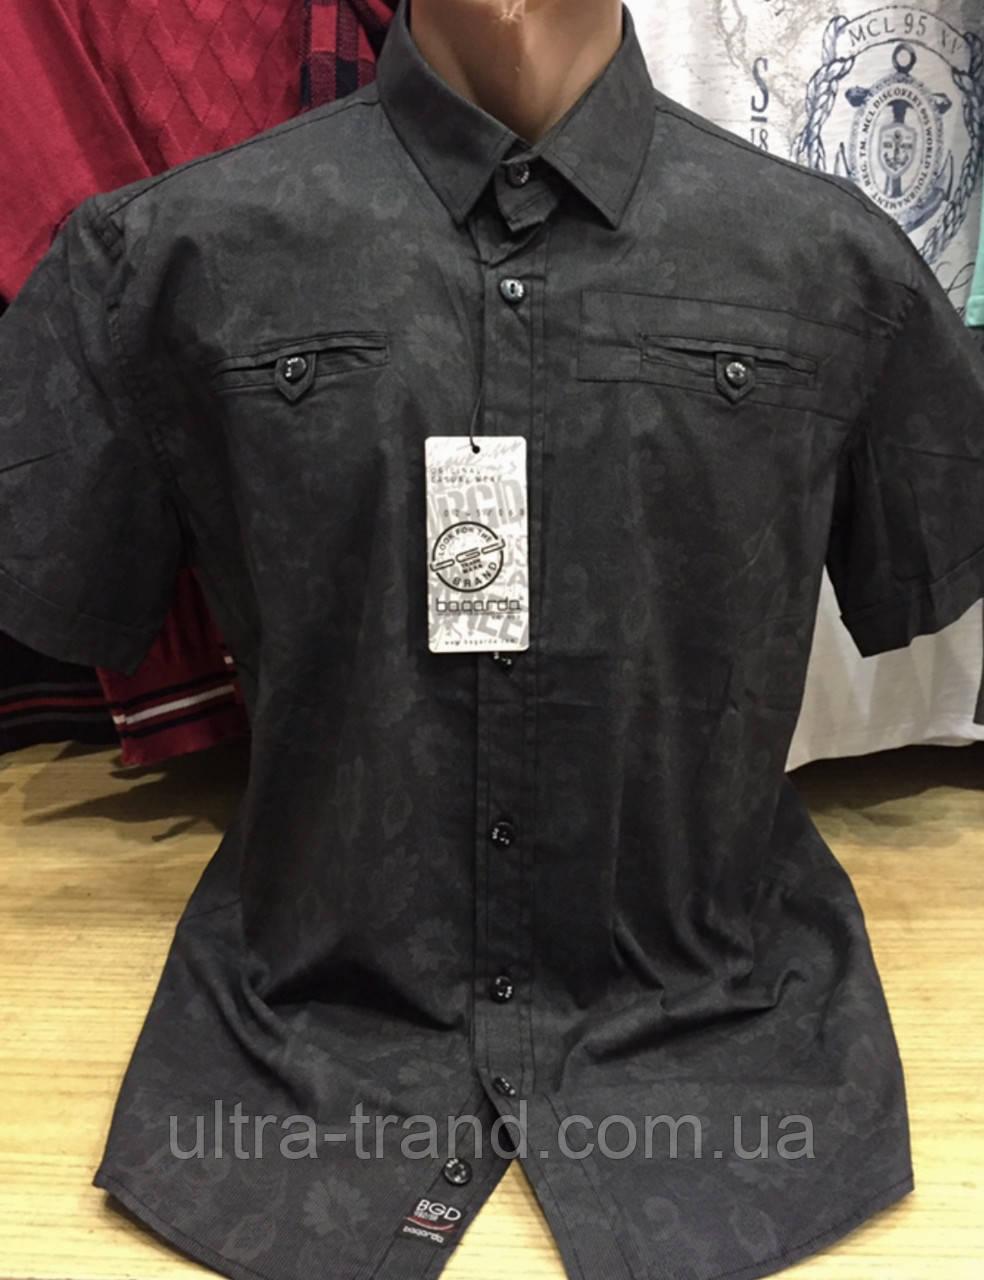 Качественные турецкие мужские рубашки сорочки серного цвета с принтом